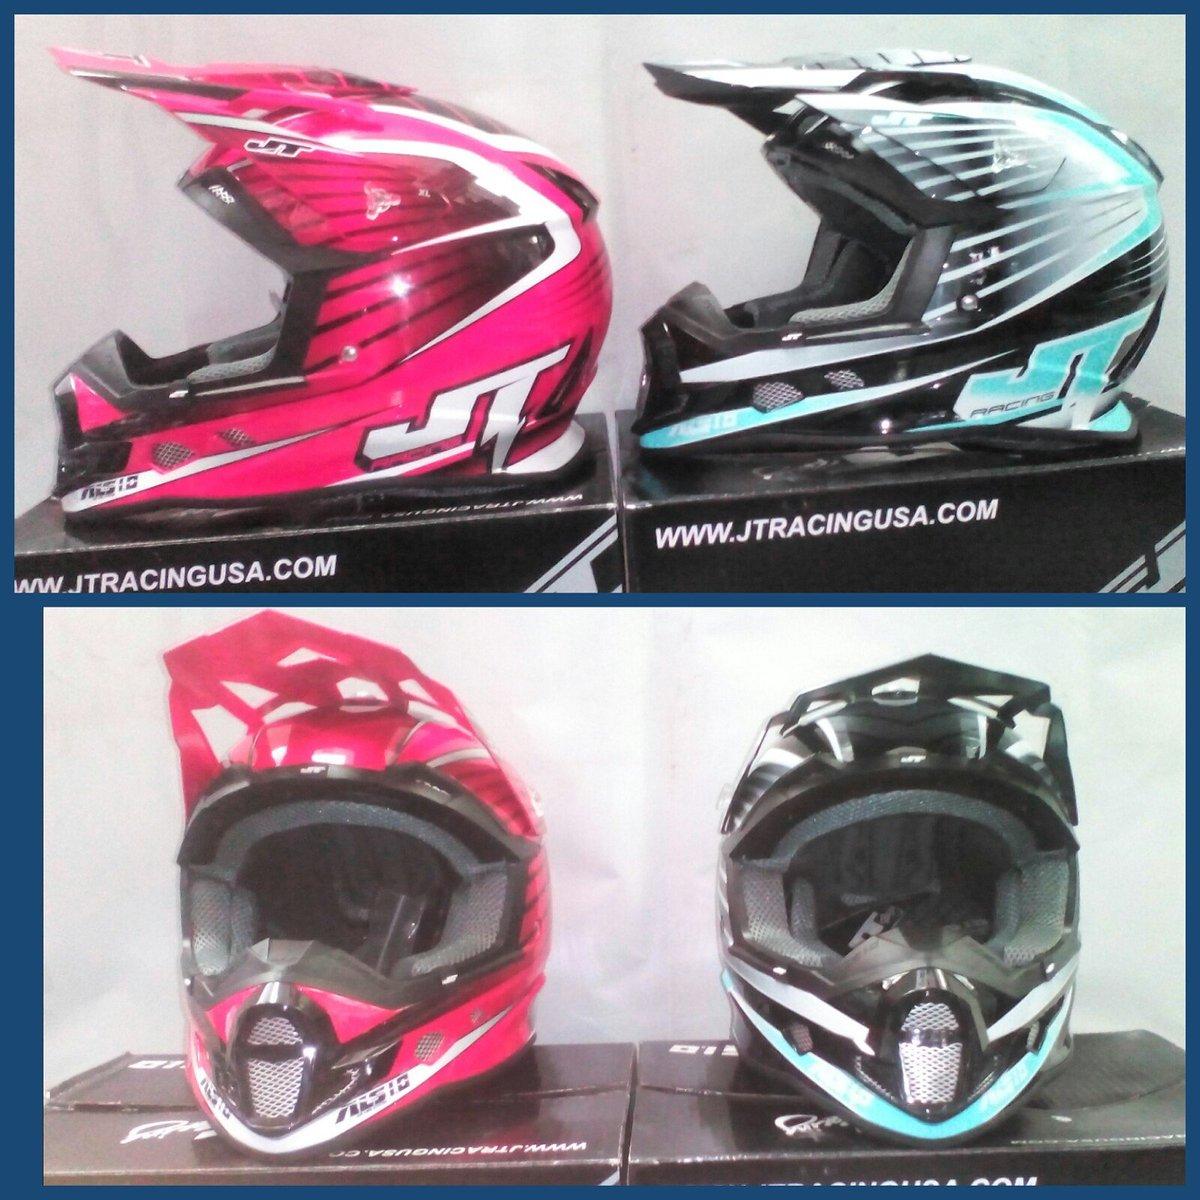 #cascos #motorizados #Merida #FelizSabad...